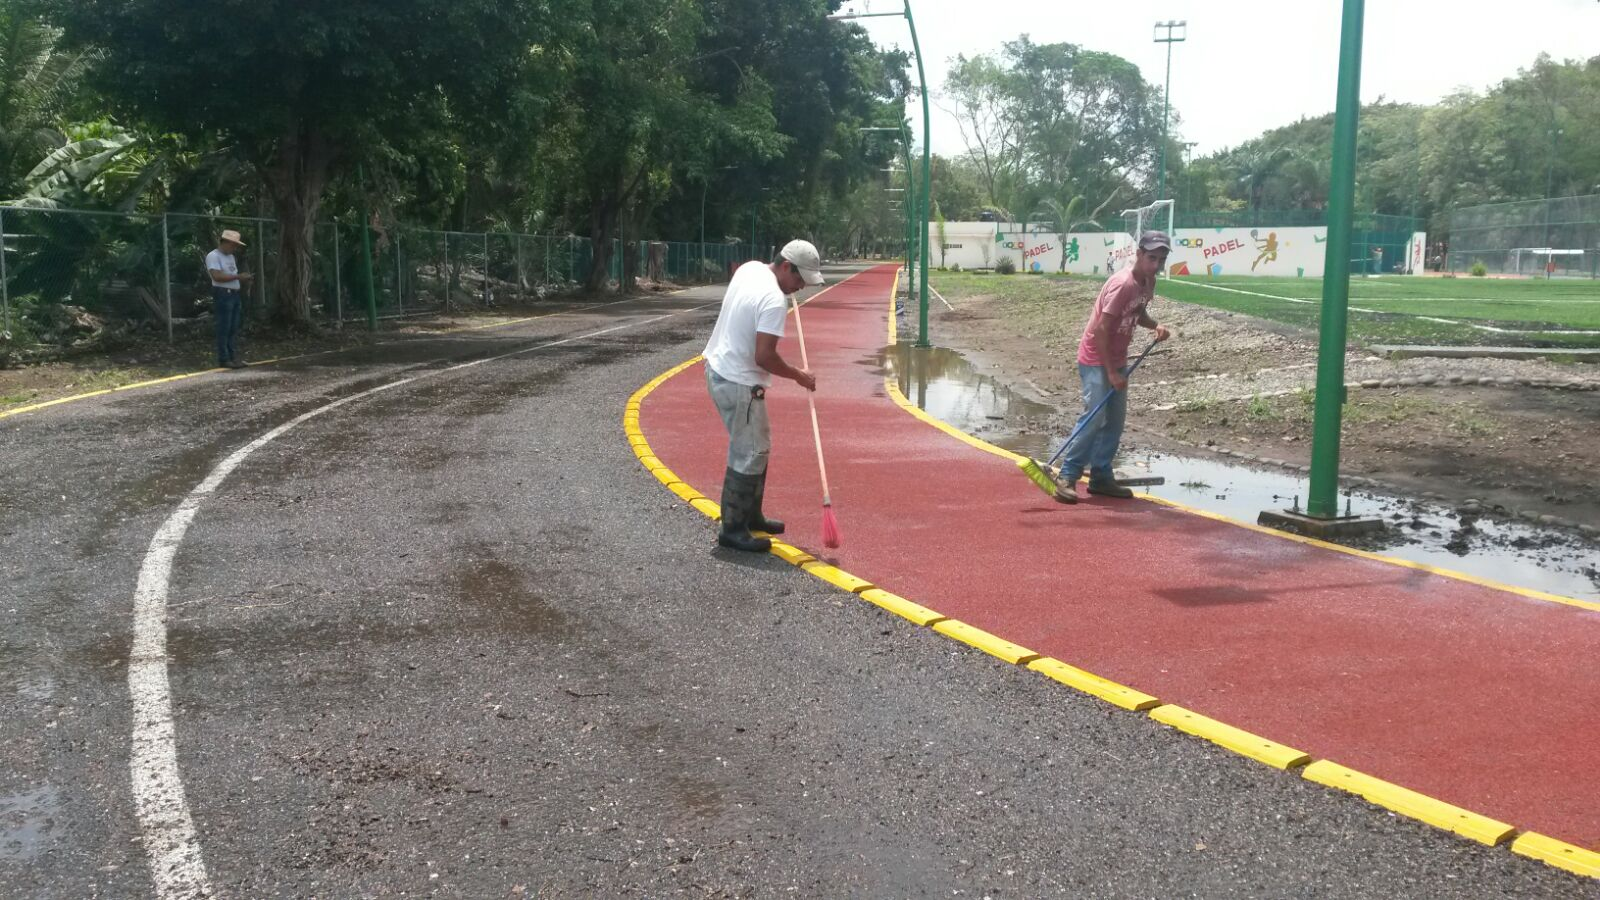 Sin afectaciones mayores Parque los Cerritos tras inundaciones en la zona